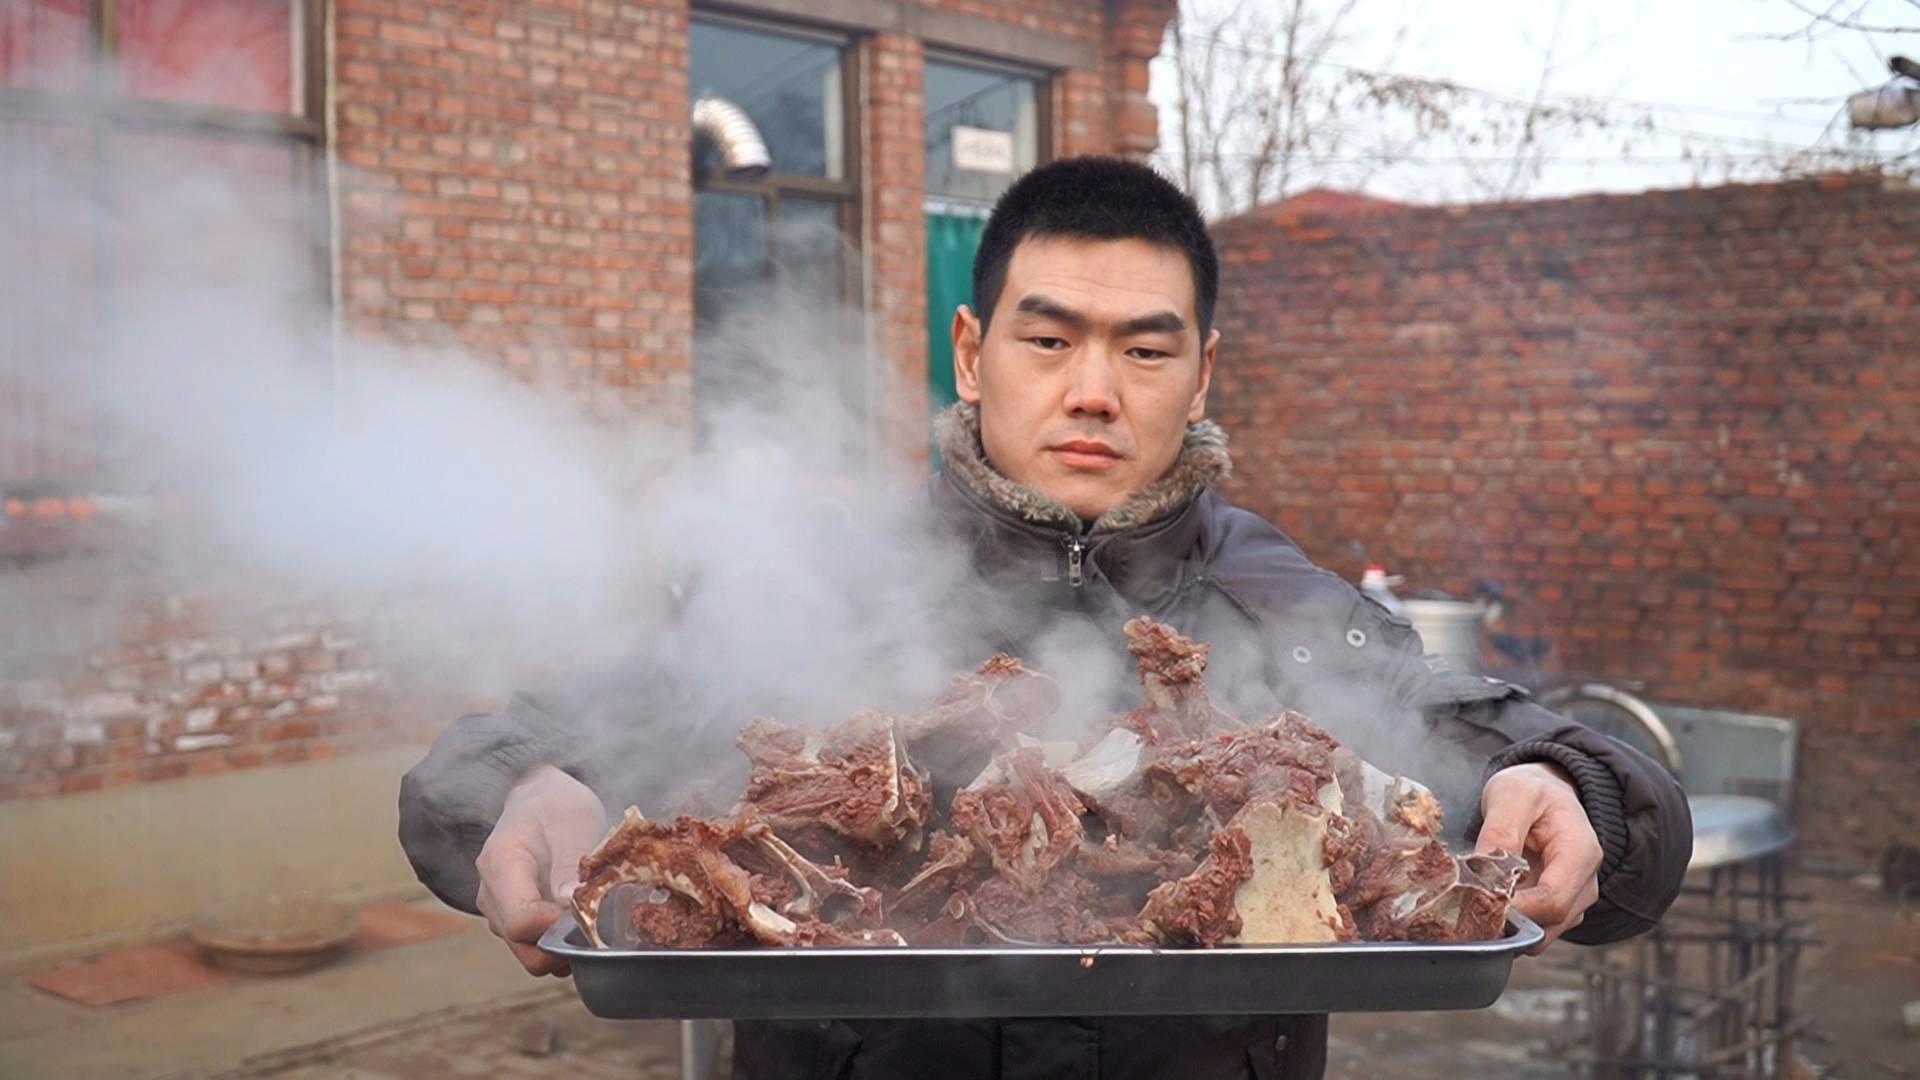 阿远买了15斤驴架子,和老板要了些老汤,大火炖4个小时,上手啃